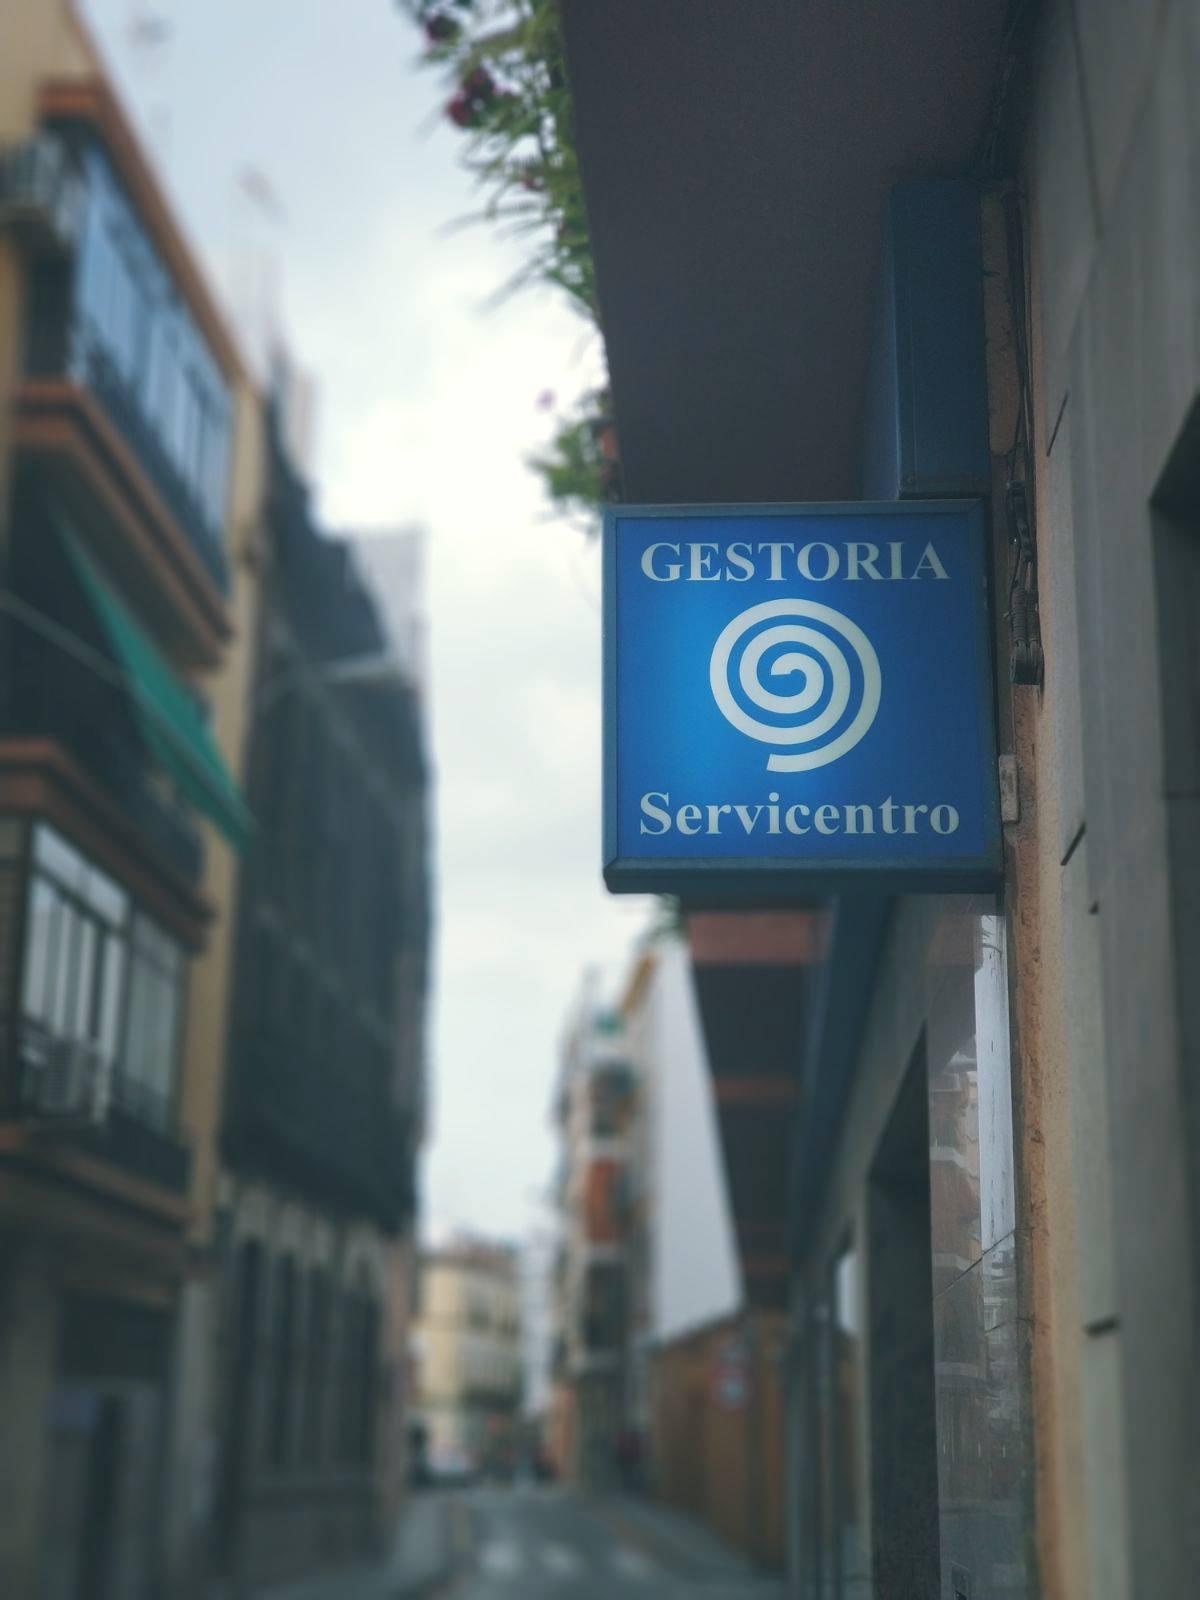 Asesoría en el casco antiguo de Sevilla